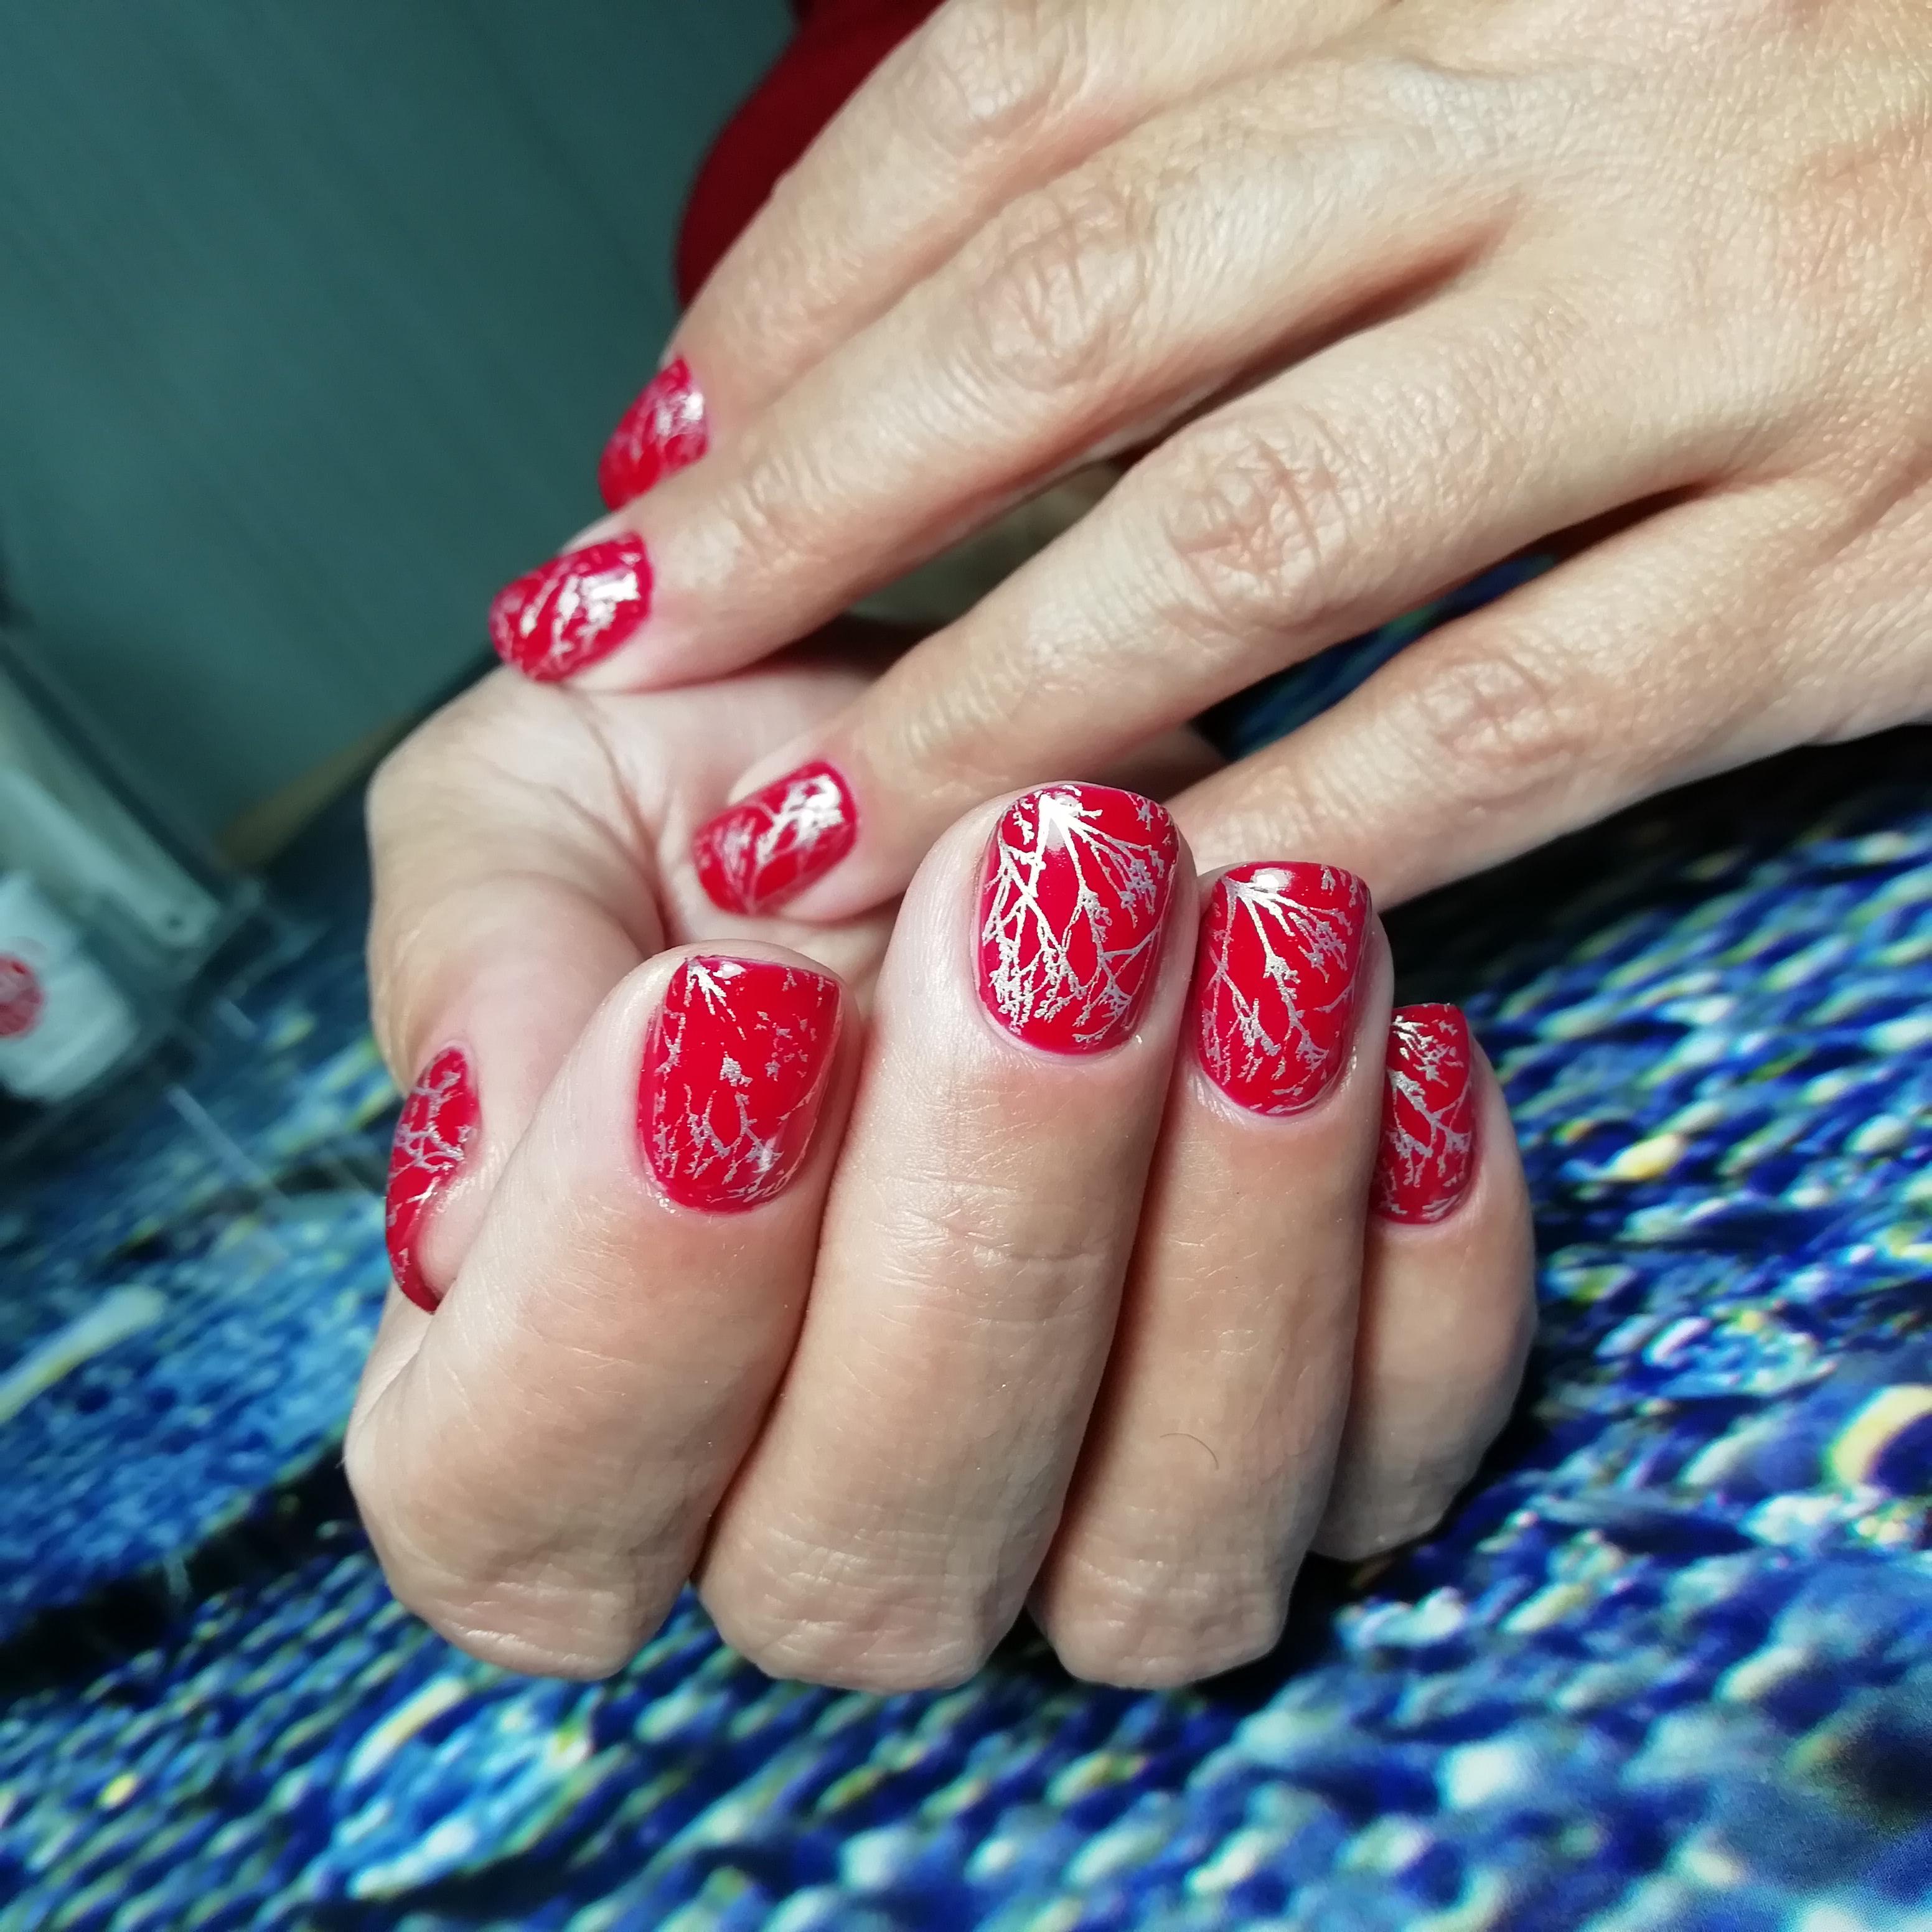 Матовый маникюр с серебряным рисунком в красном цвете на короткие ногти.